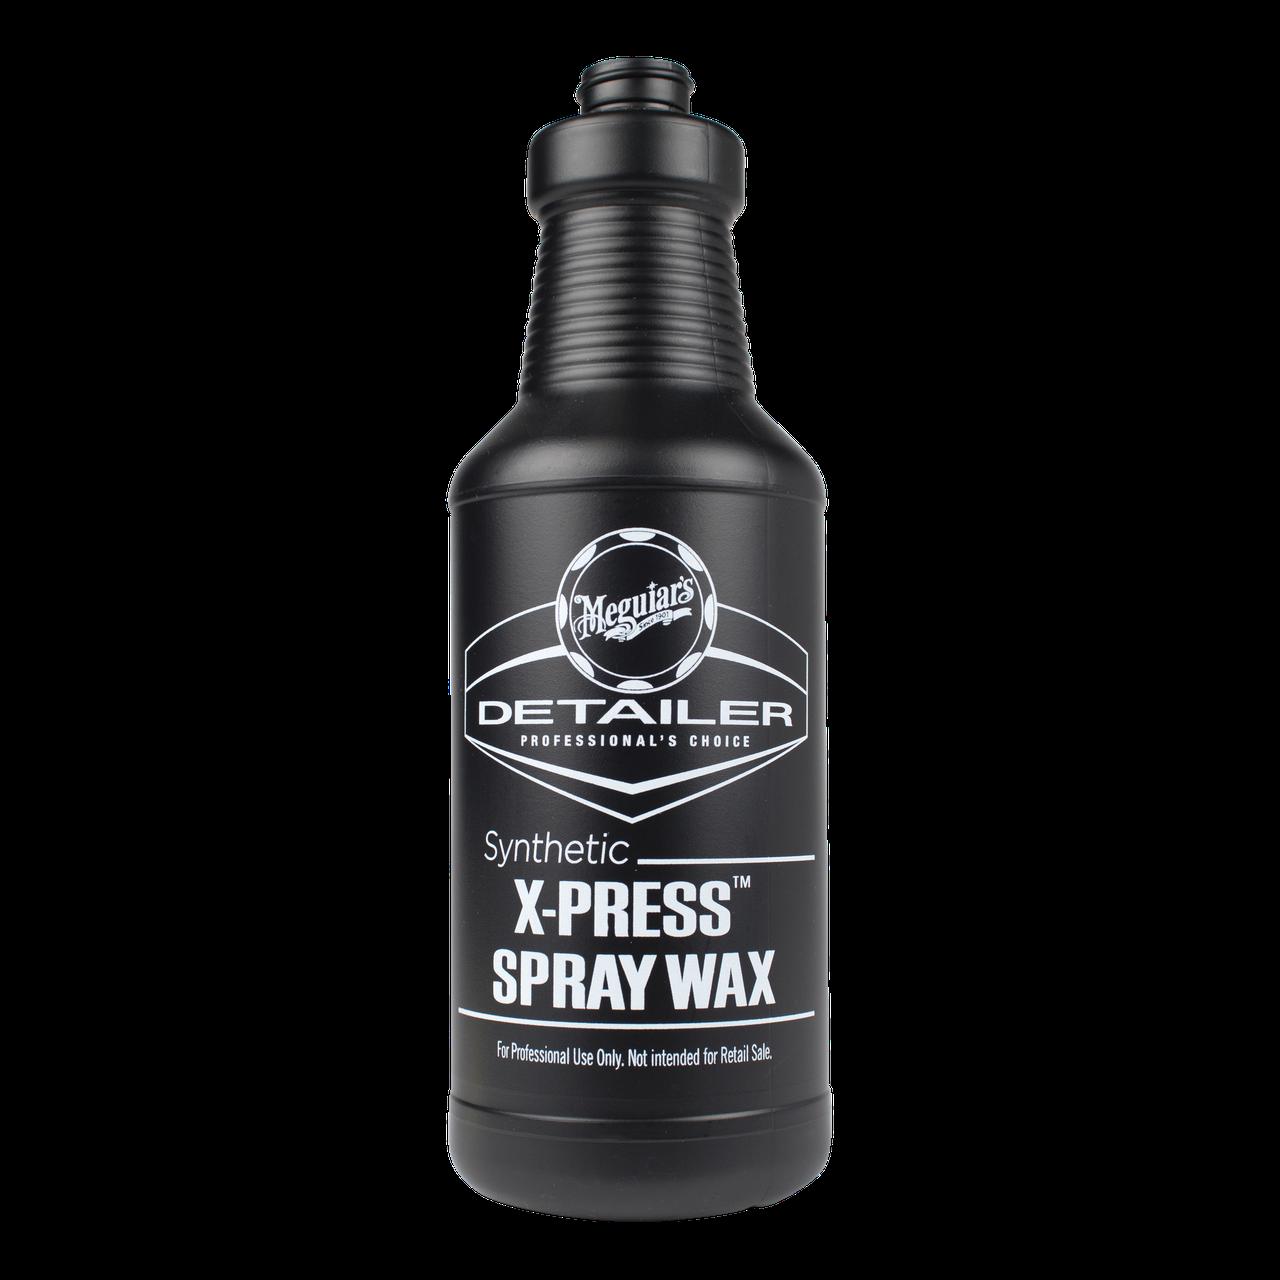 Емкость для жидкостей - Meguiar's Detailer Synthetic X-Press Spray Wax 945 мл. черная (D20156)